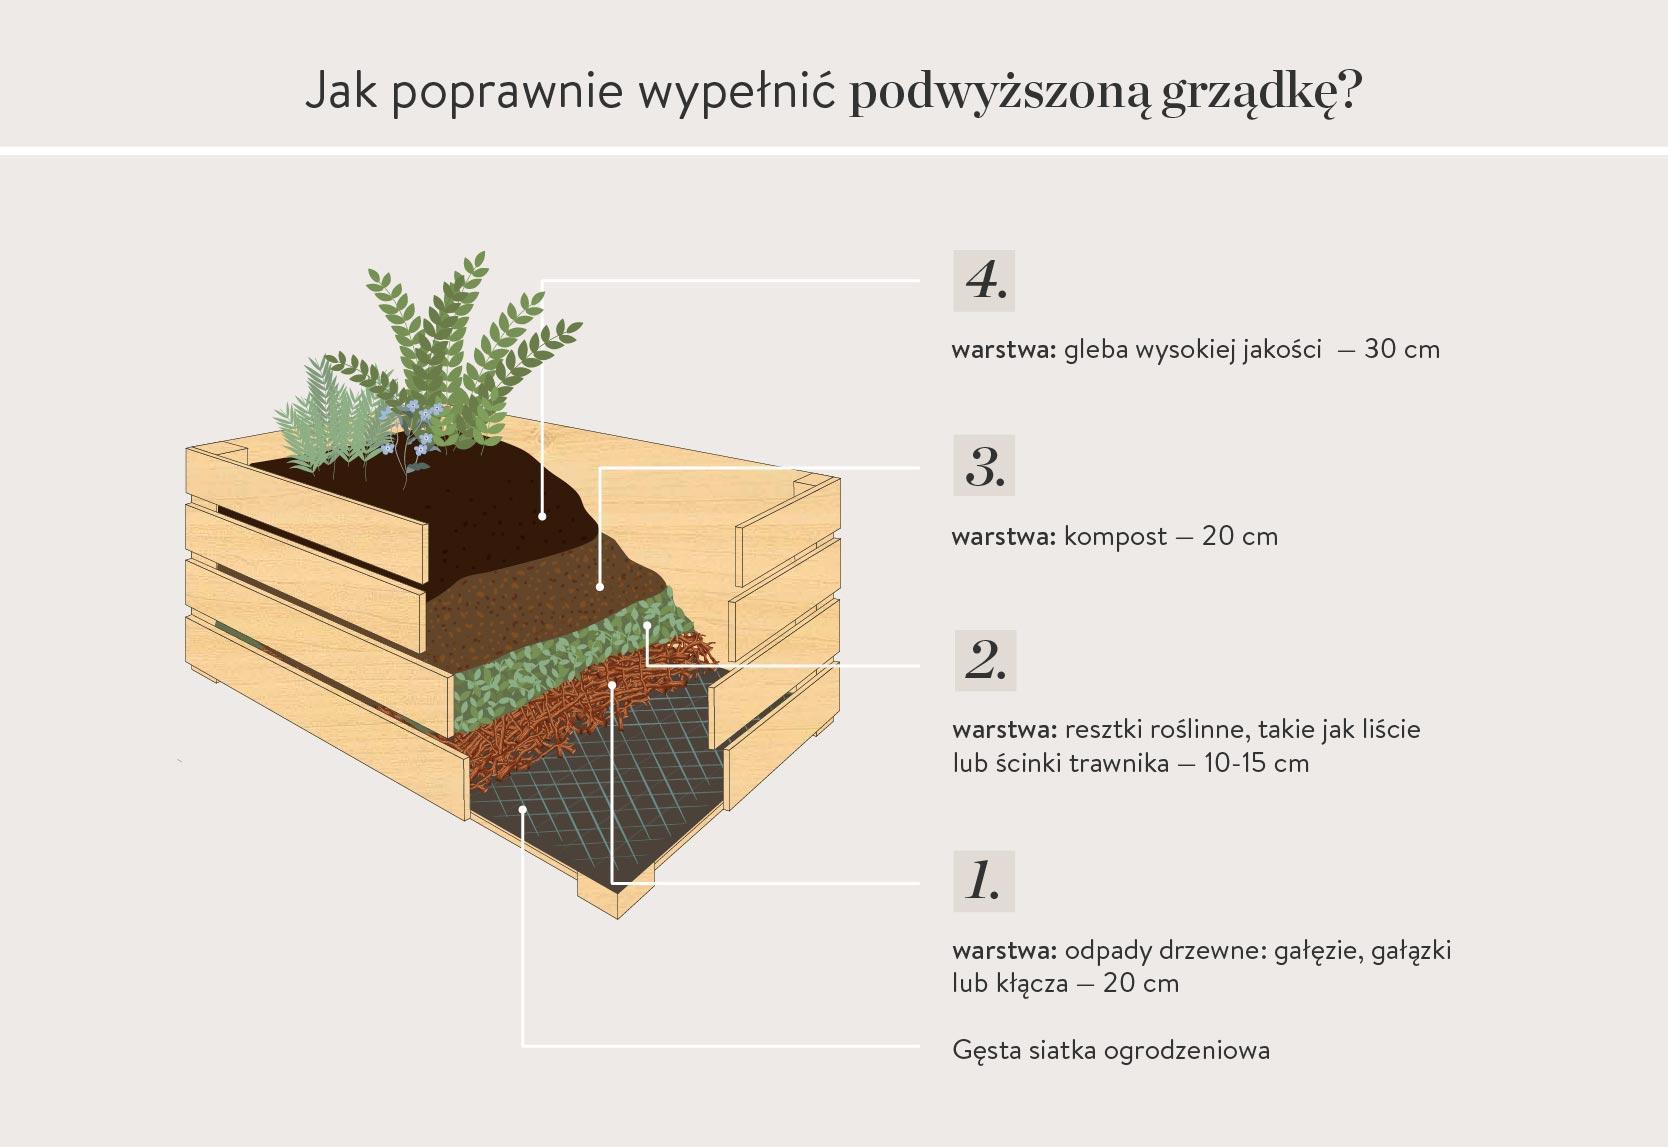 rabata kwiatowa w podwyższonej grządce instrukcje wypełnienia glebą